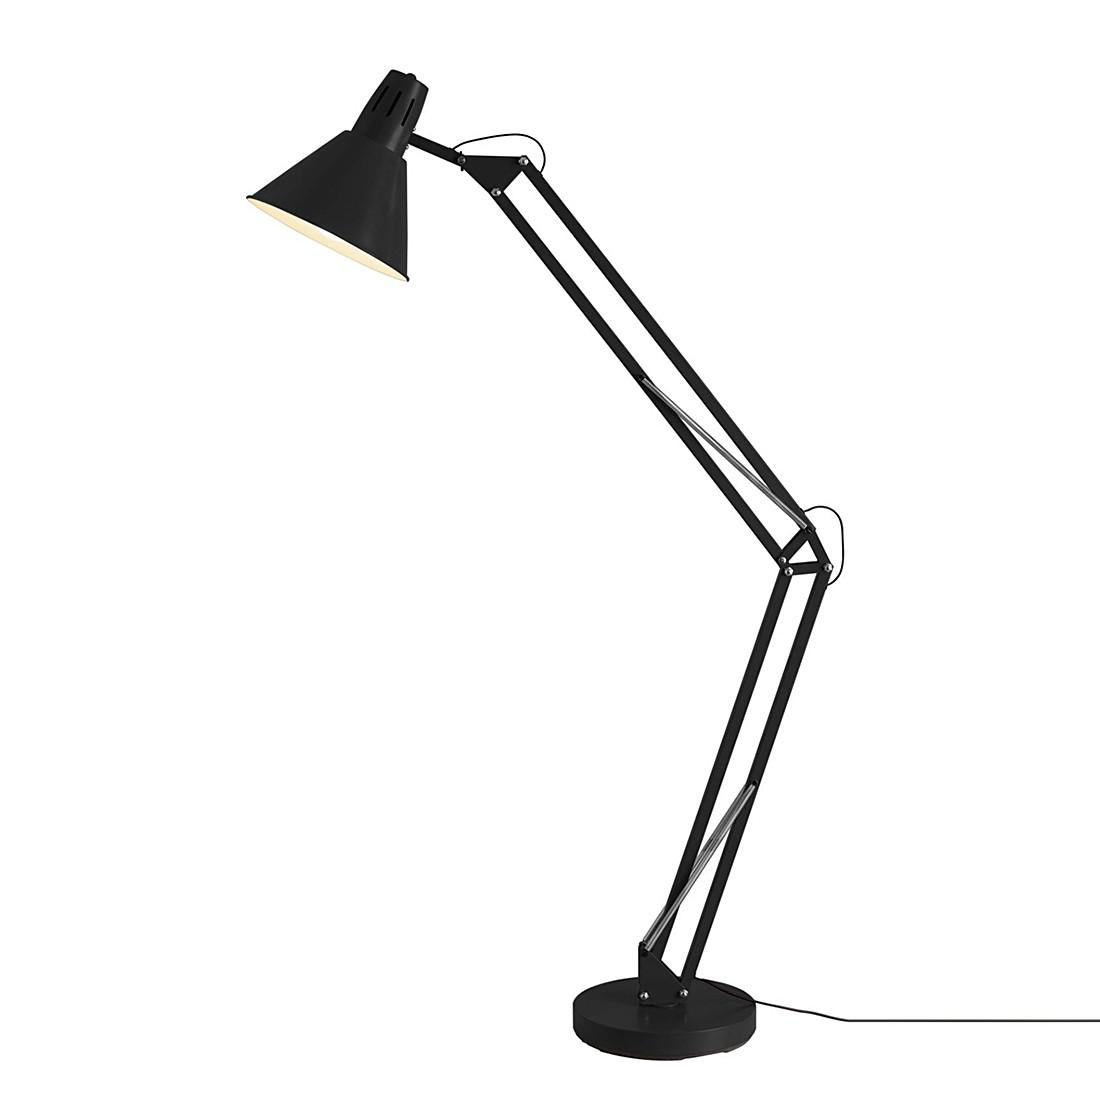 EEK A++, Lampadaire Winston - 1 ampoule, Brilliant